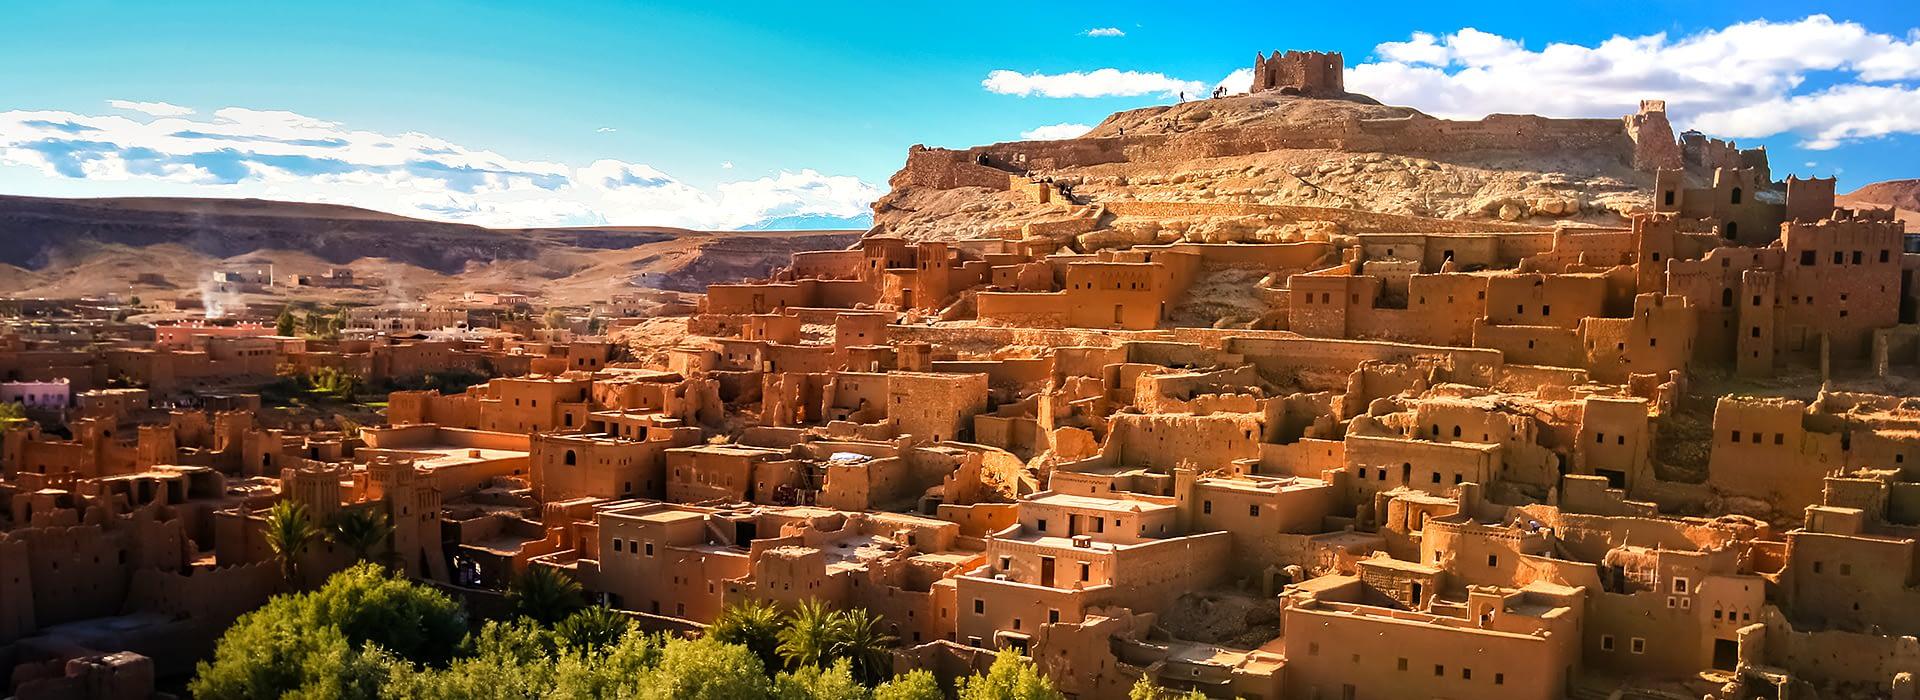 4 Dias - Marrakech excursõ 4 dias ao Deserto Merzouga